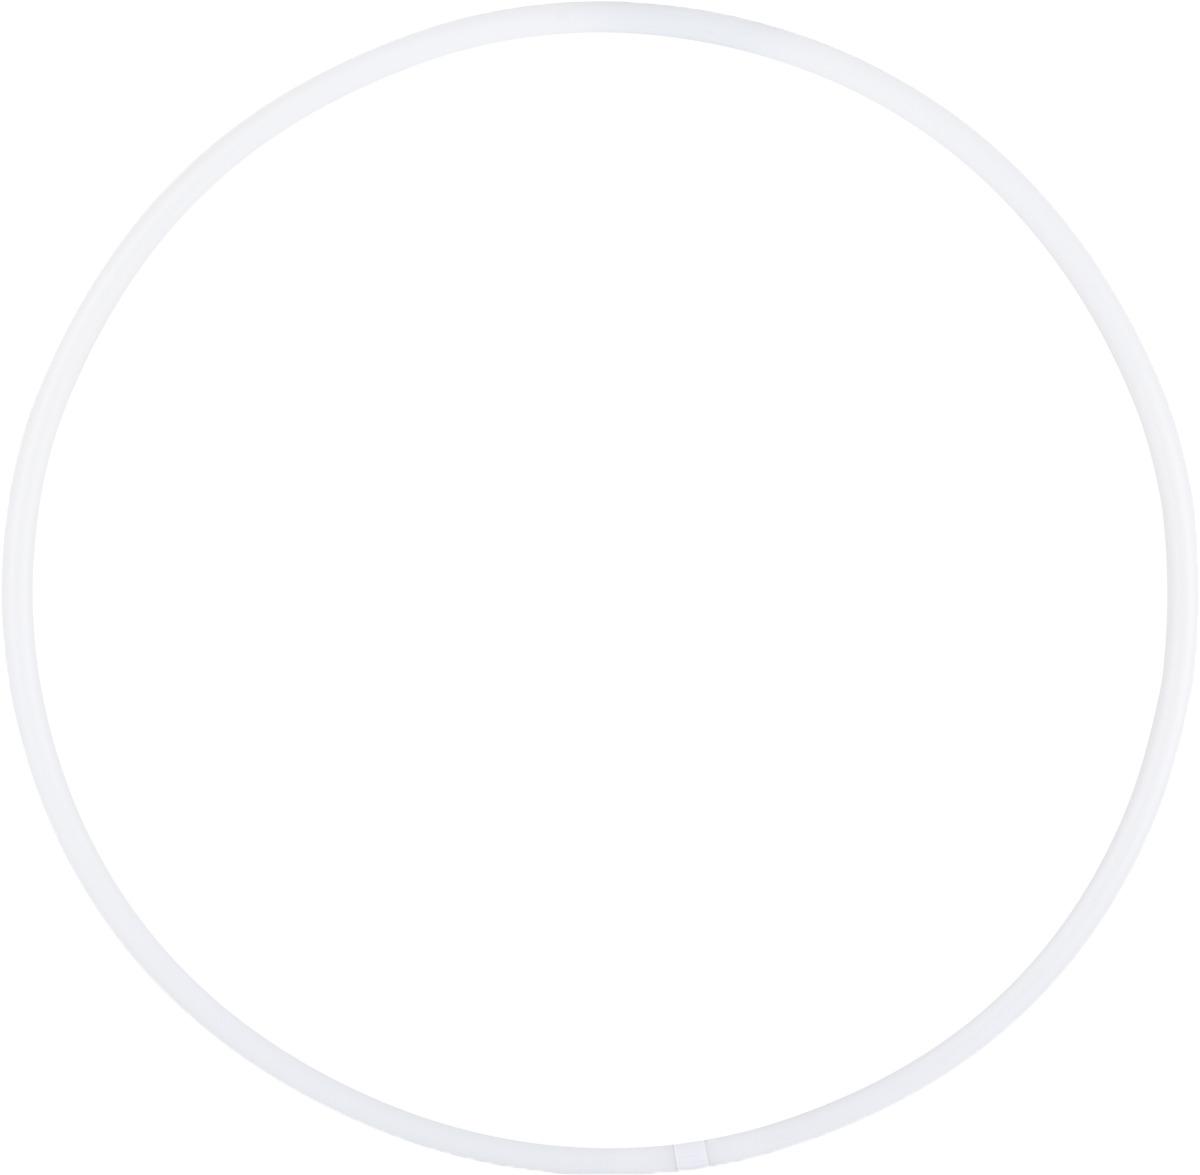 Обруч для художественной гимнастики Amely AGO-101, диаметр 90 см, цвет: белый мяч для художественной гимнастики amely agr 101 диаметр 15 см цвет синий белый